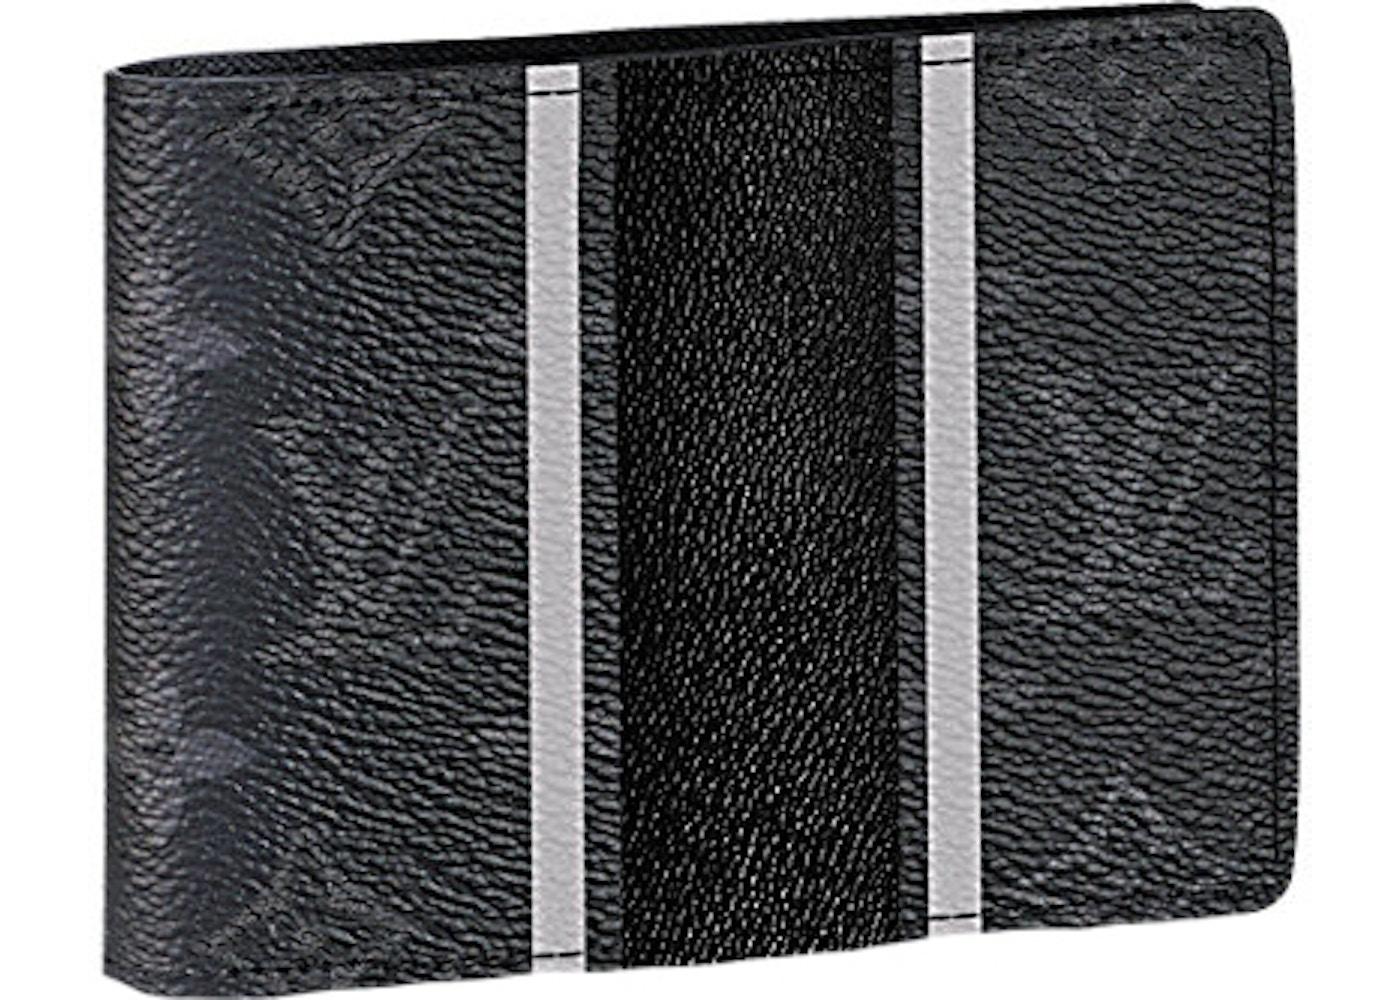 b8e3fd6dd72f Louis Vuitton x Fragment Multiple Wallet Monogram Eclipse Black